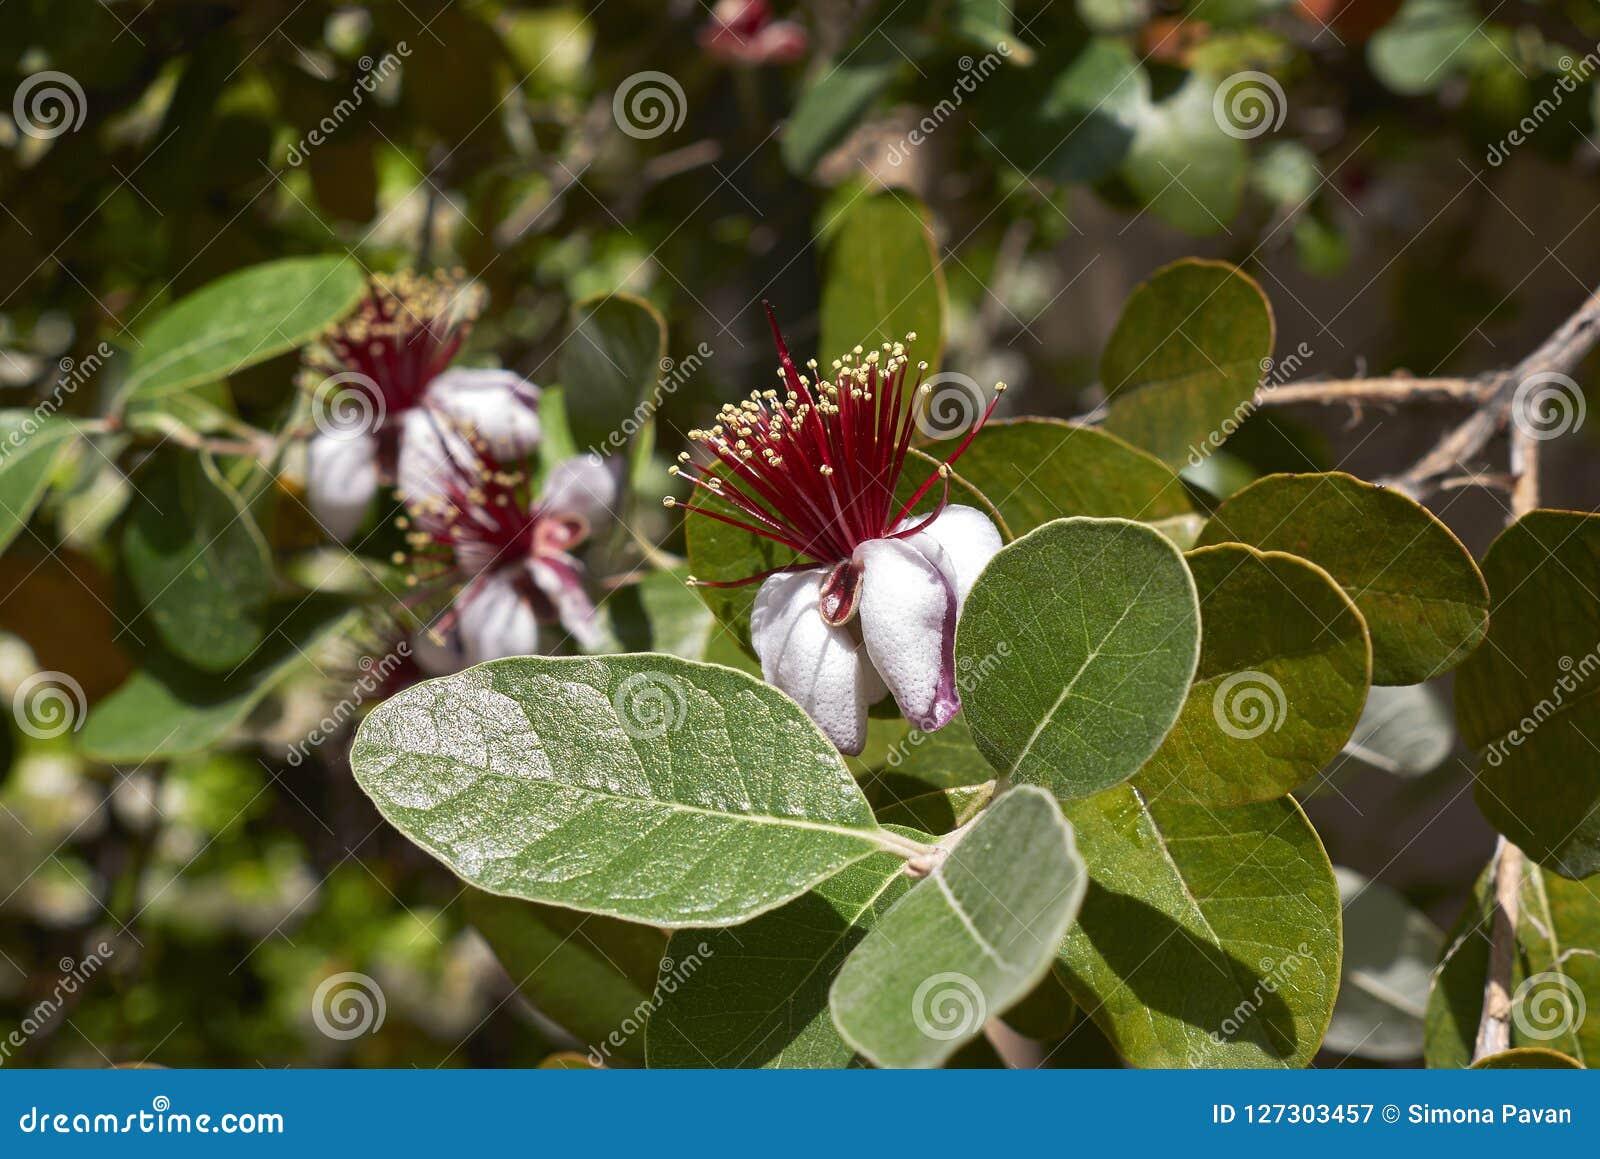 Inflorescencia Roja Del árbol Del Sellowiana De Feijoa Imagen De